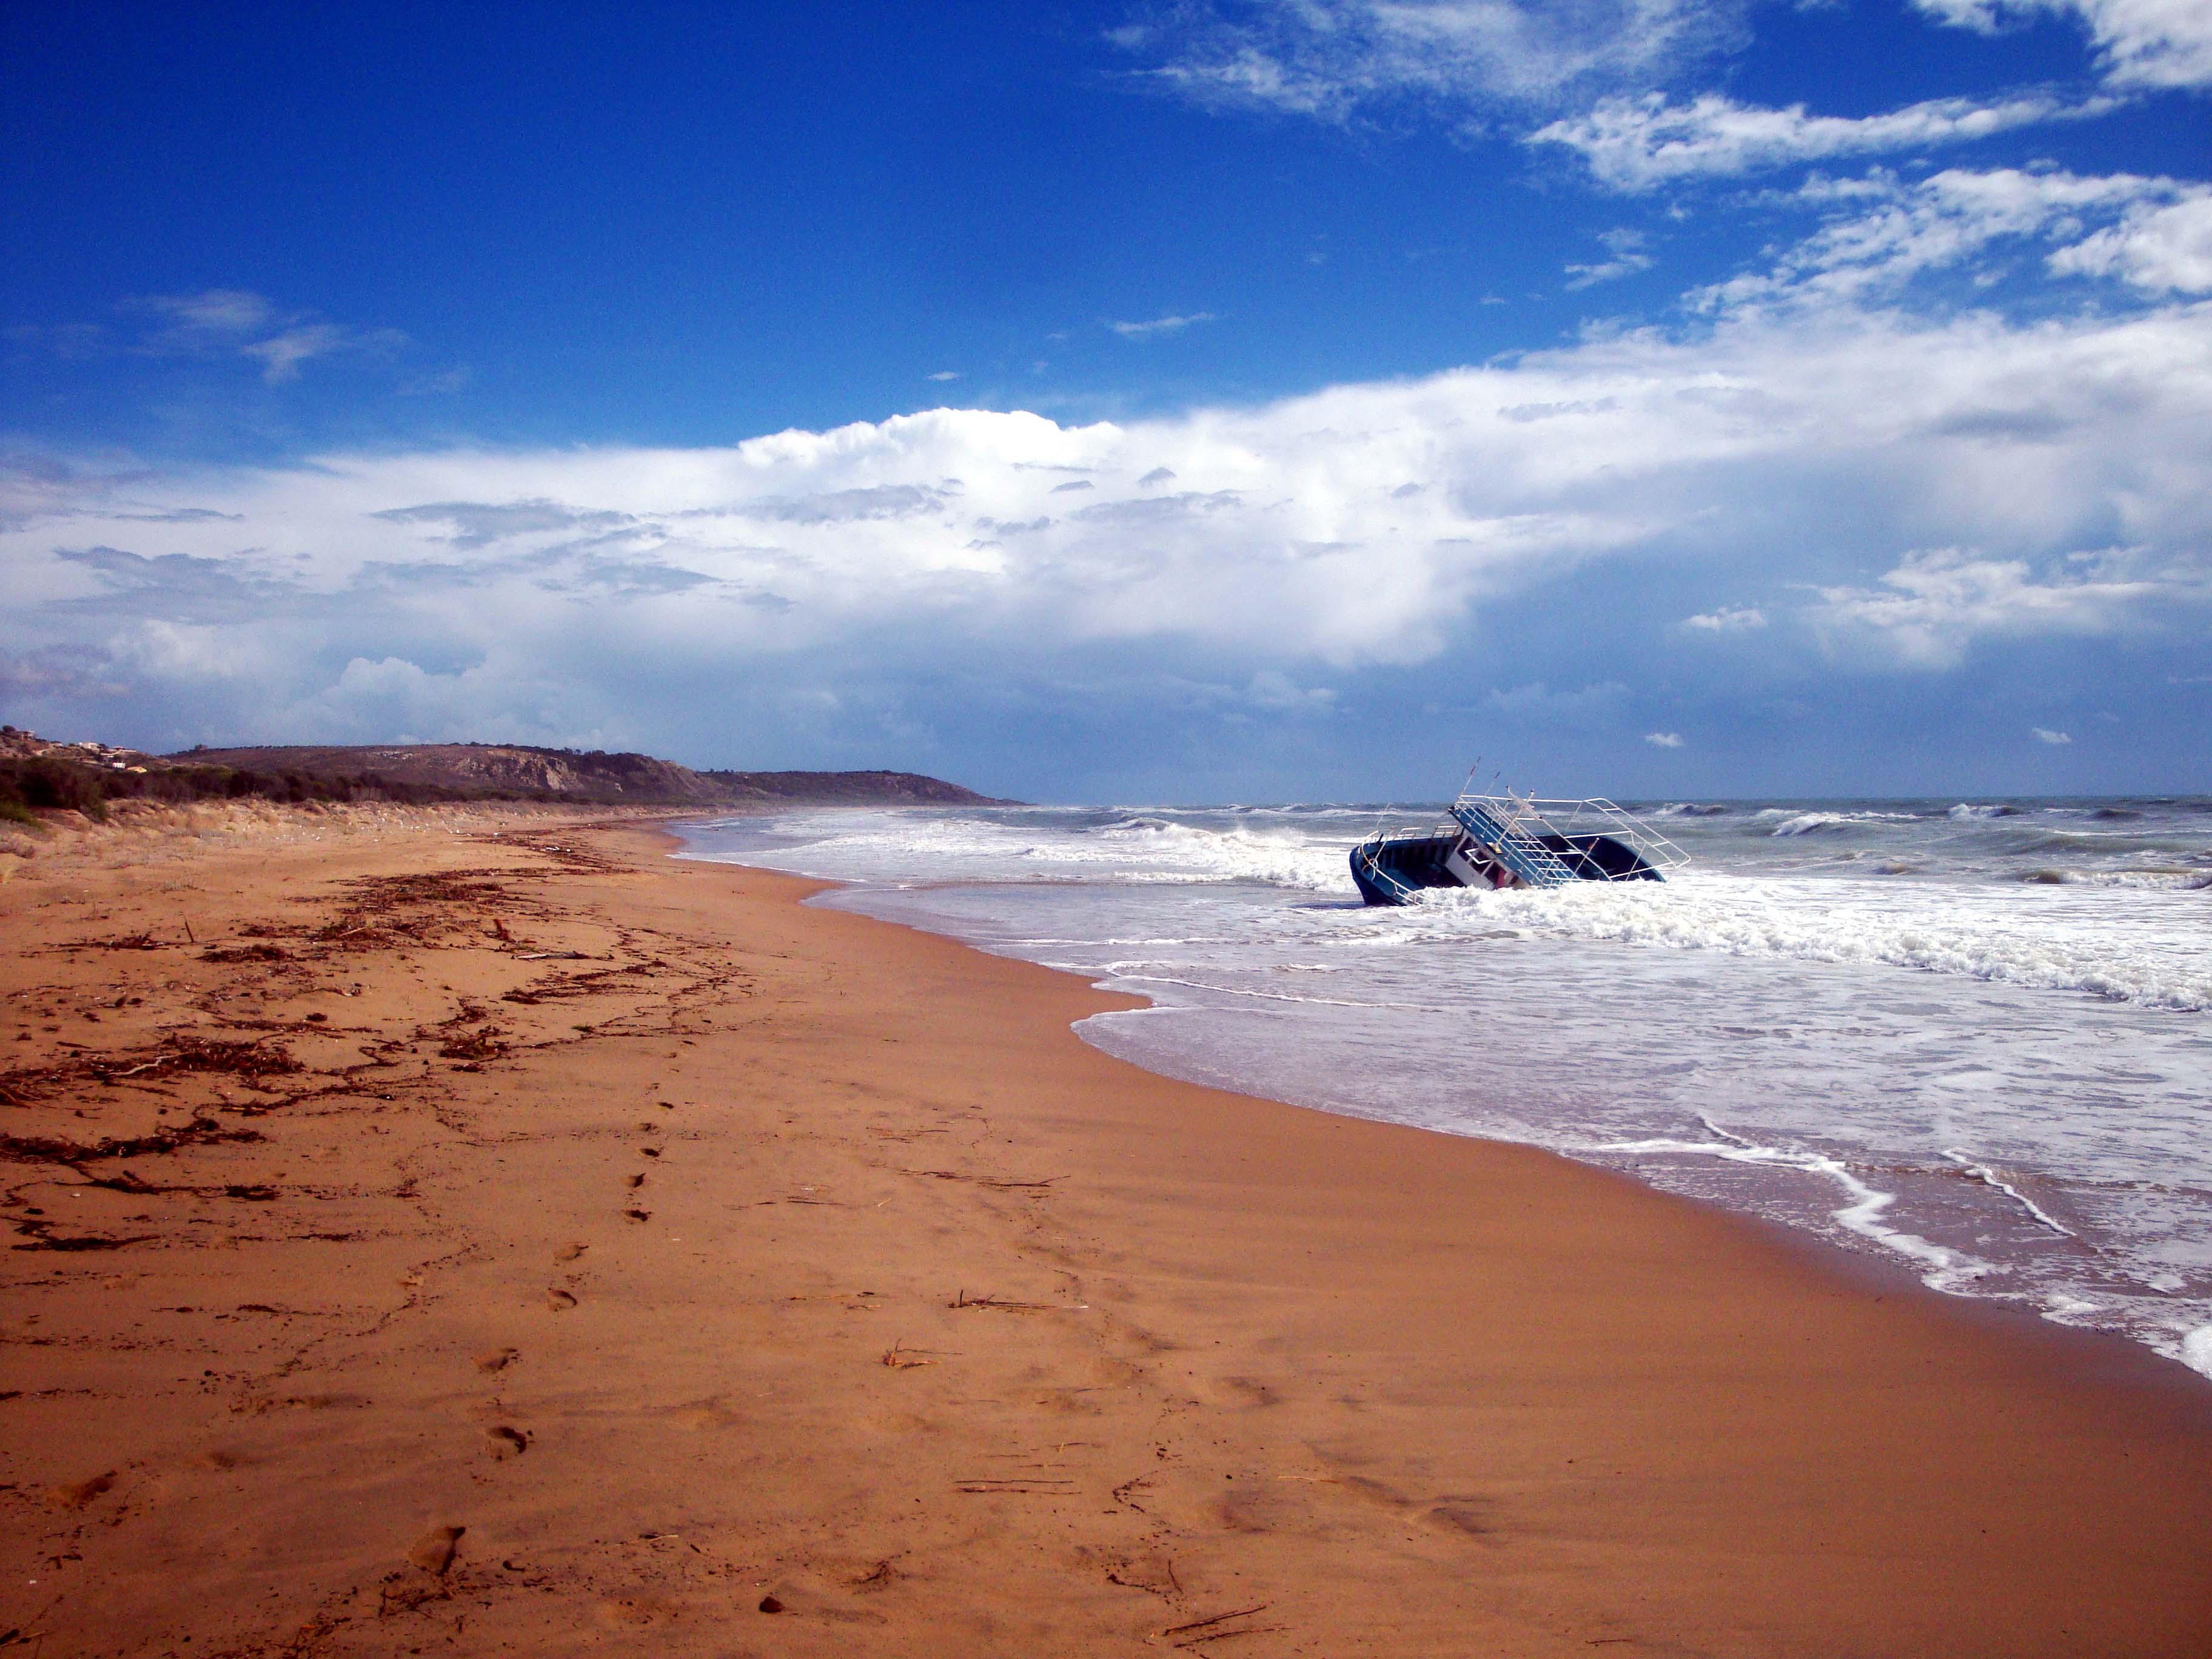 Kostenlose foto : Strand, Meer, Küste, Wasser, Sand, Ozean, Horizont ...